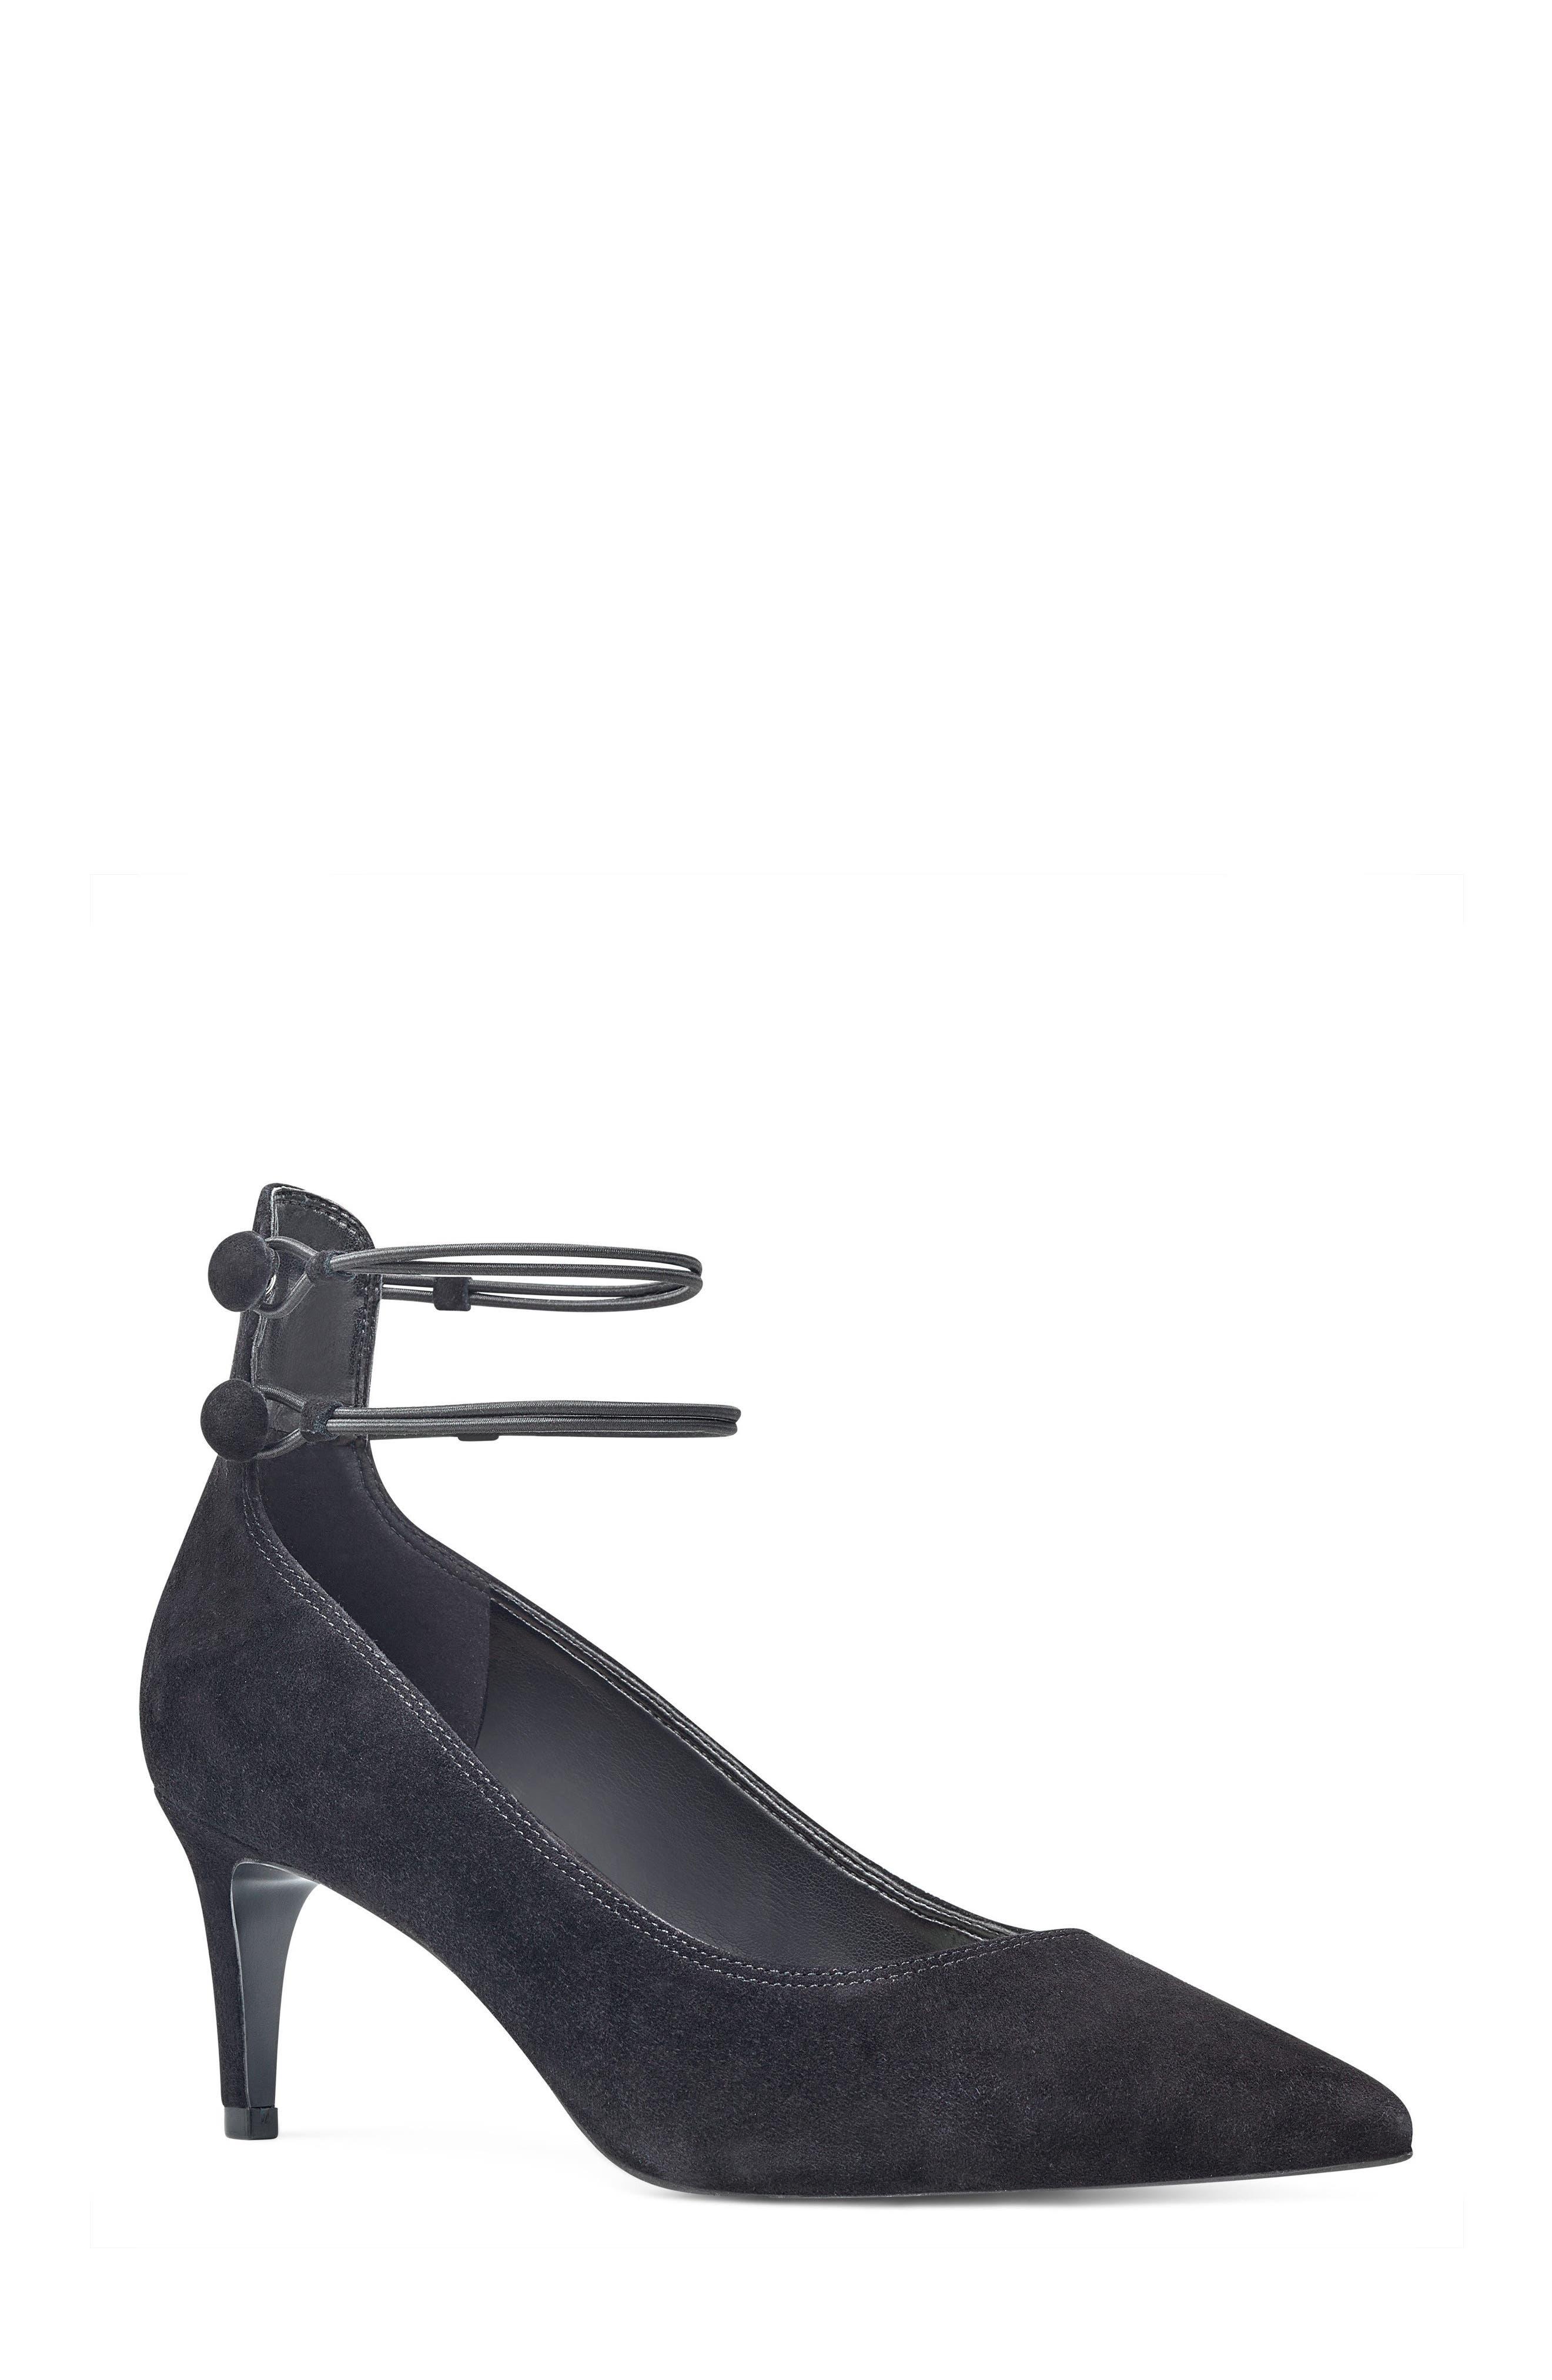 Sawtelle Double Ankle Strap Pump,                             Main thumbnail 1, color,                             001